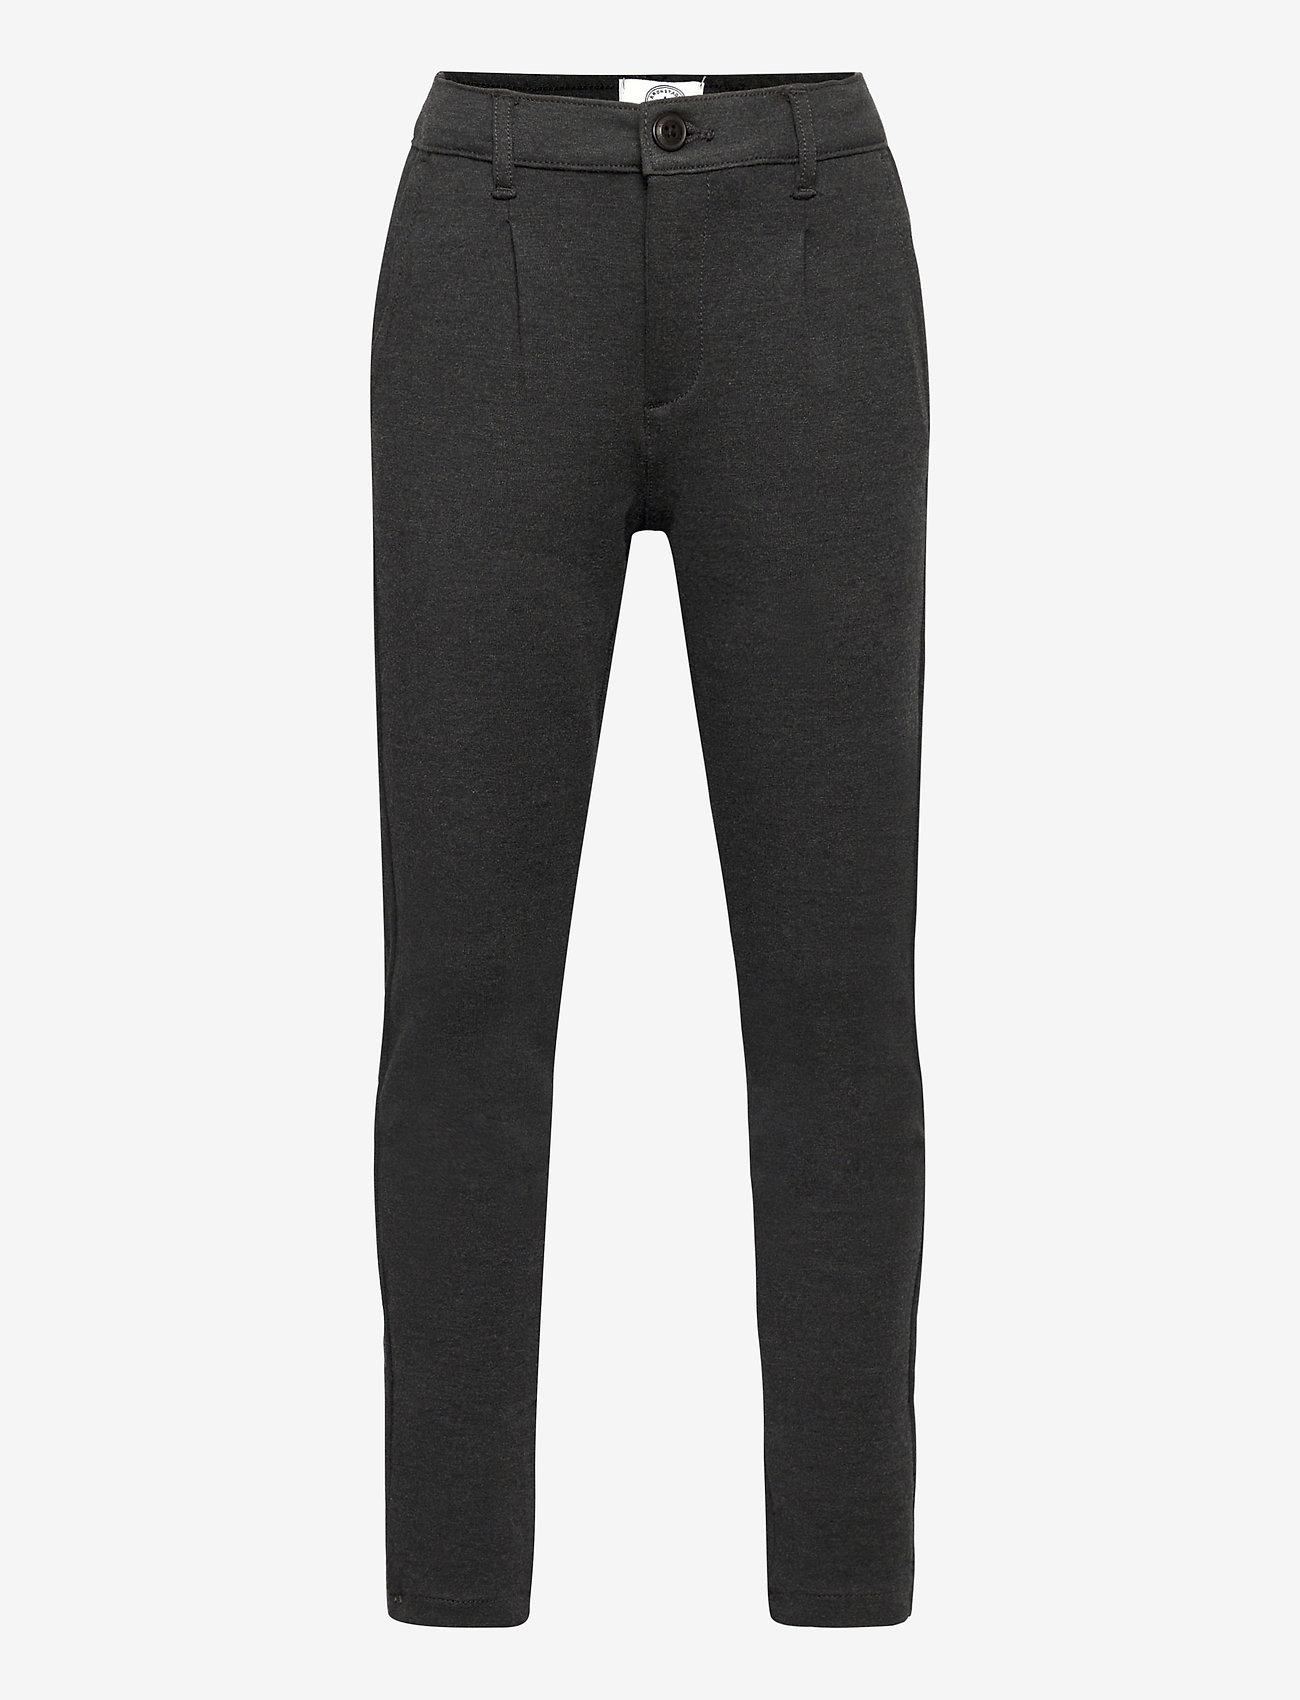 Kronstadt - Club pants - trousers - grey - 0